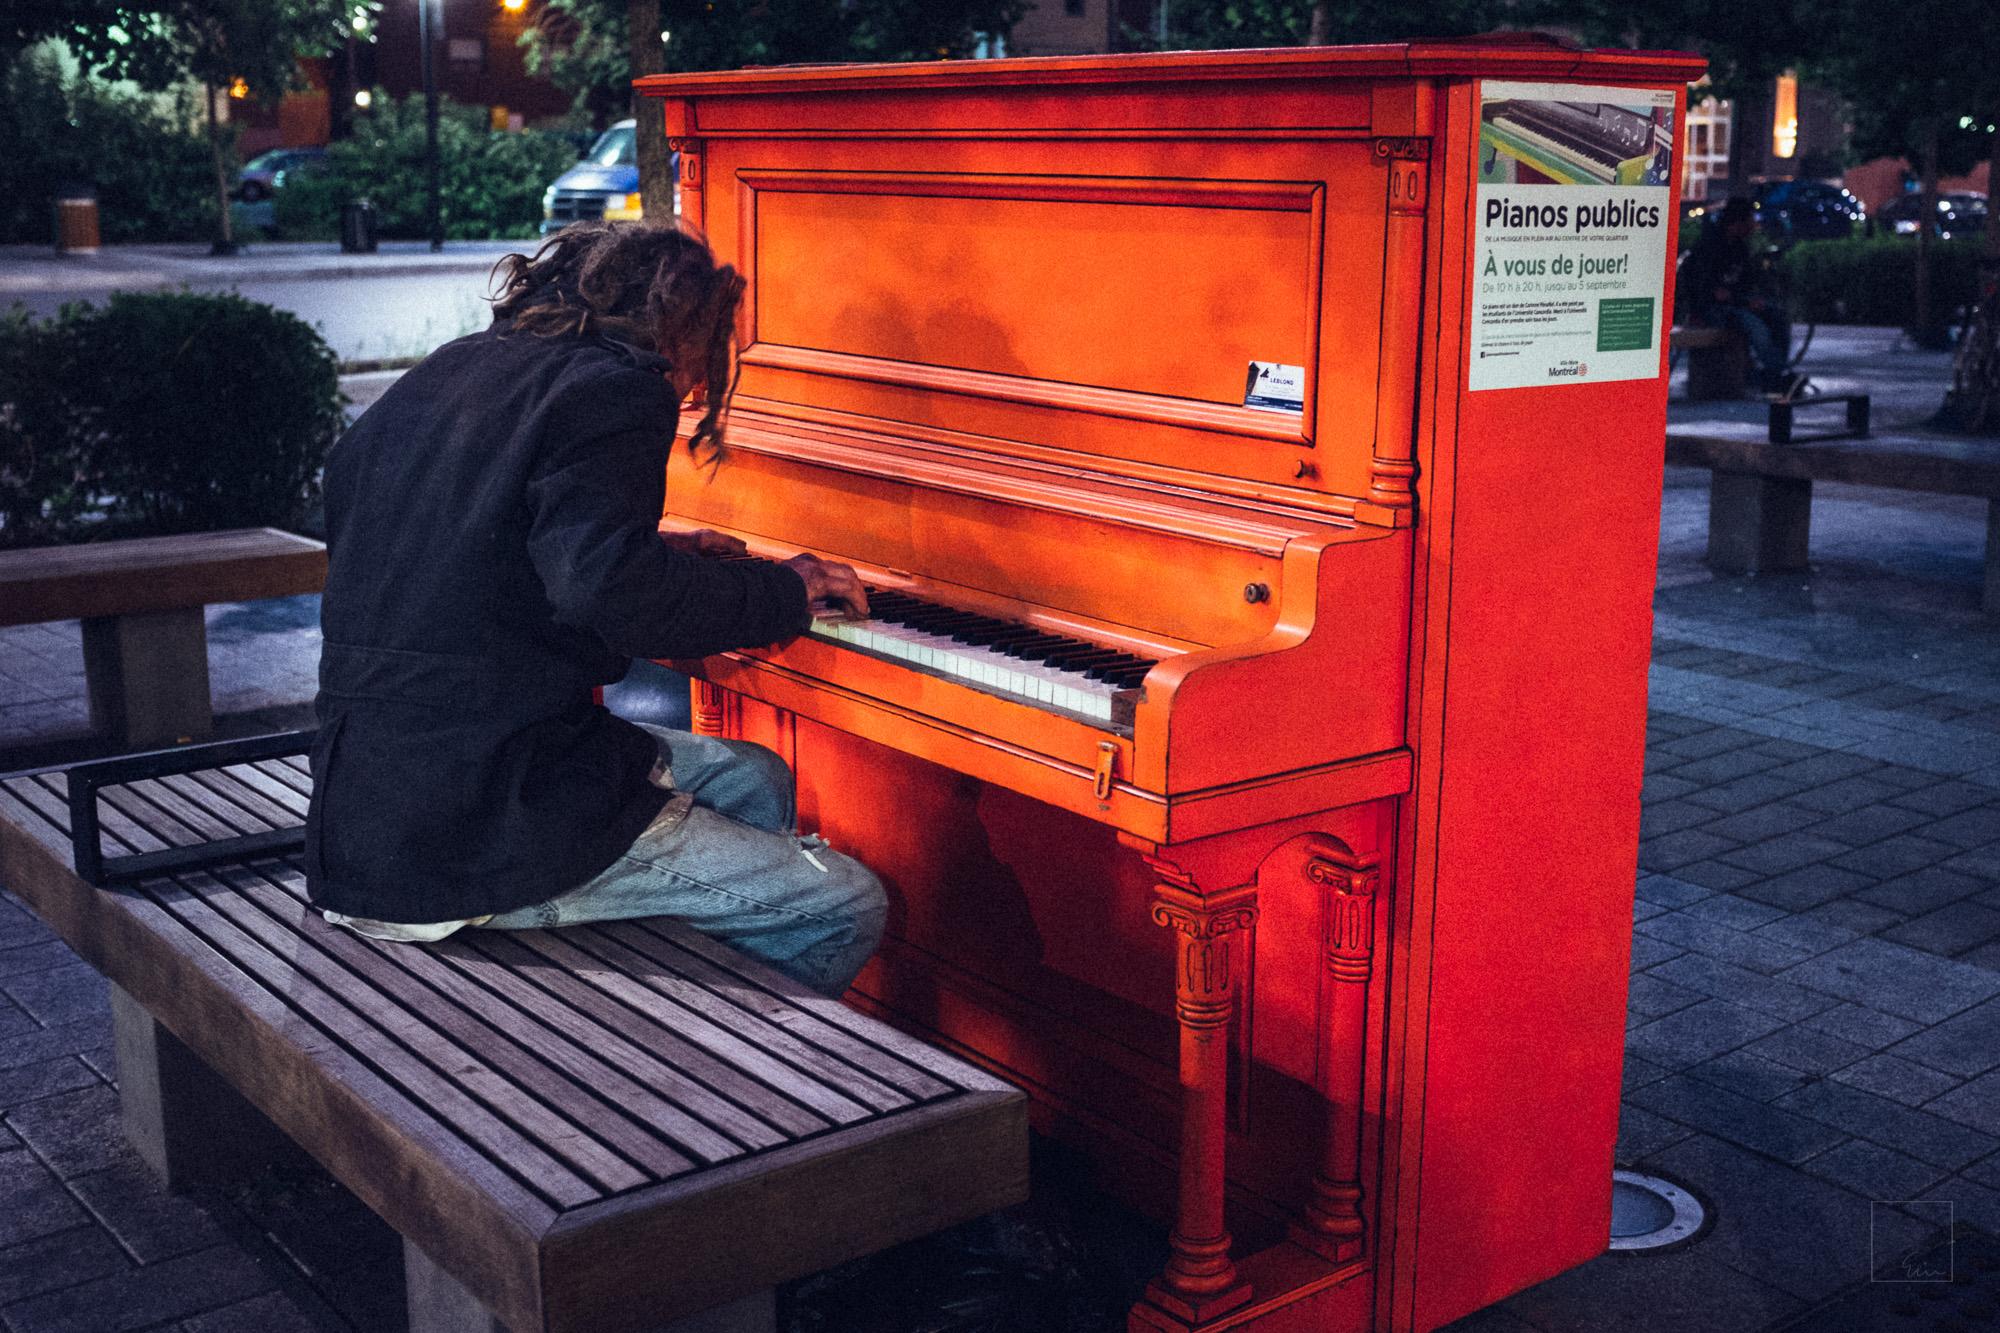 Pianos publics